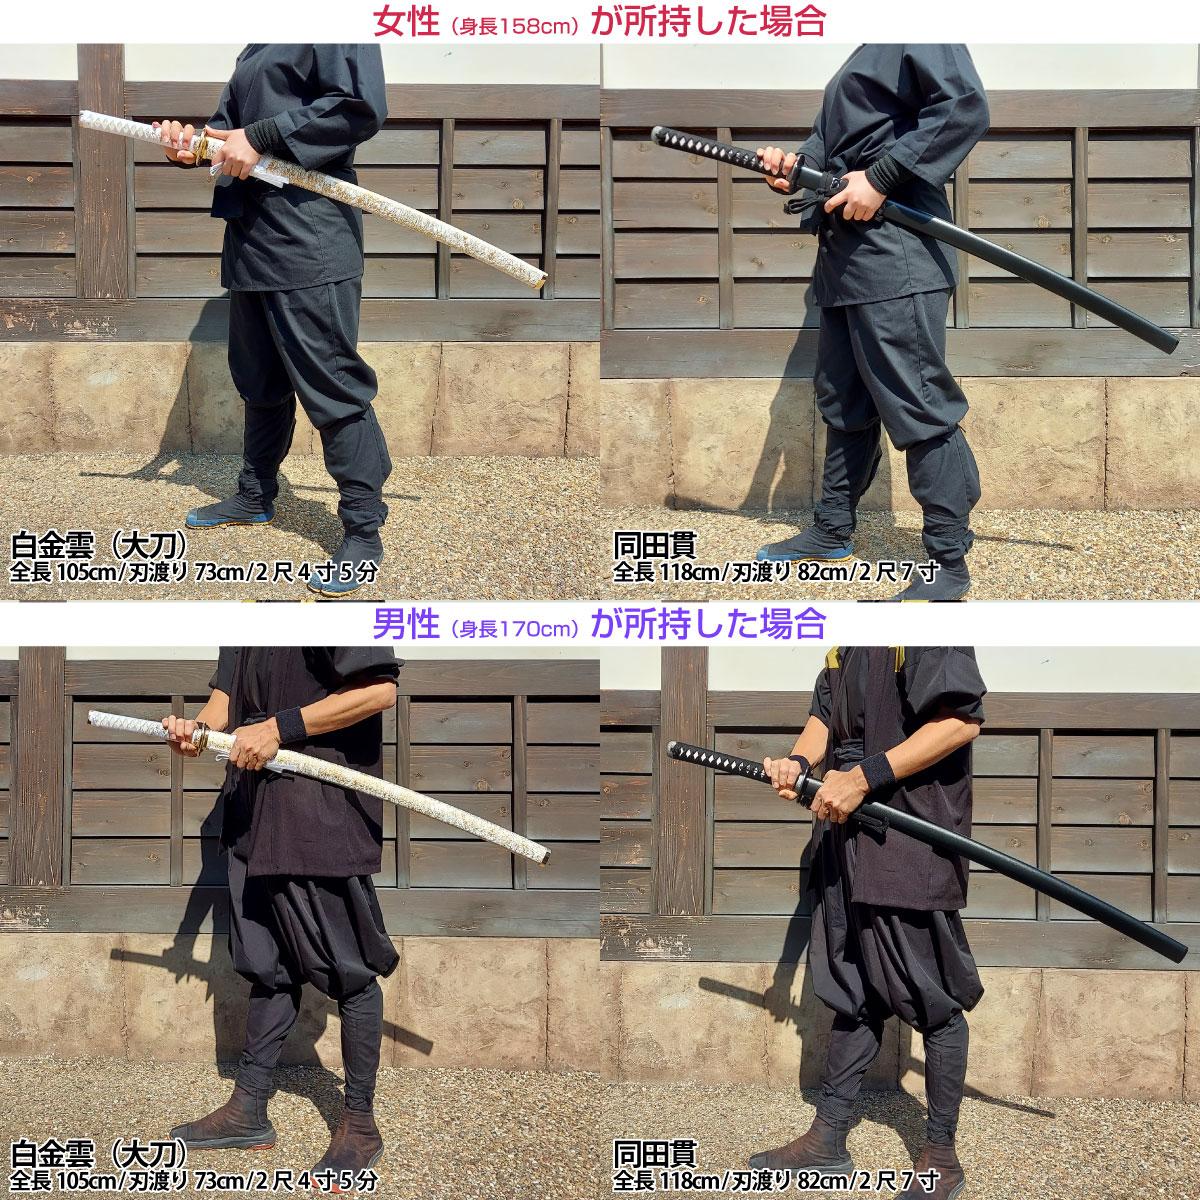 名刀伝 「にっかり青江」 大脇差 -最高級仕様拵え- (刀袋付き)